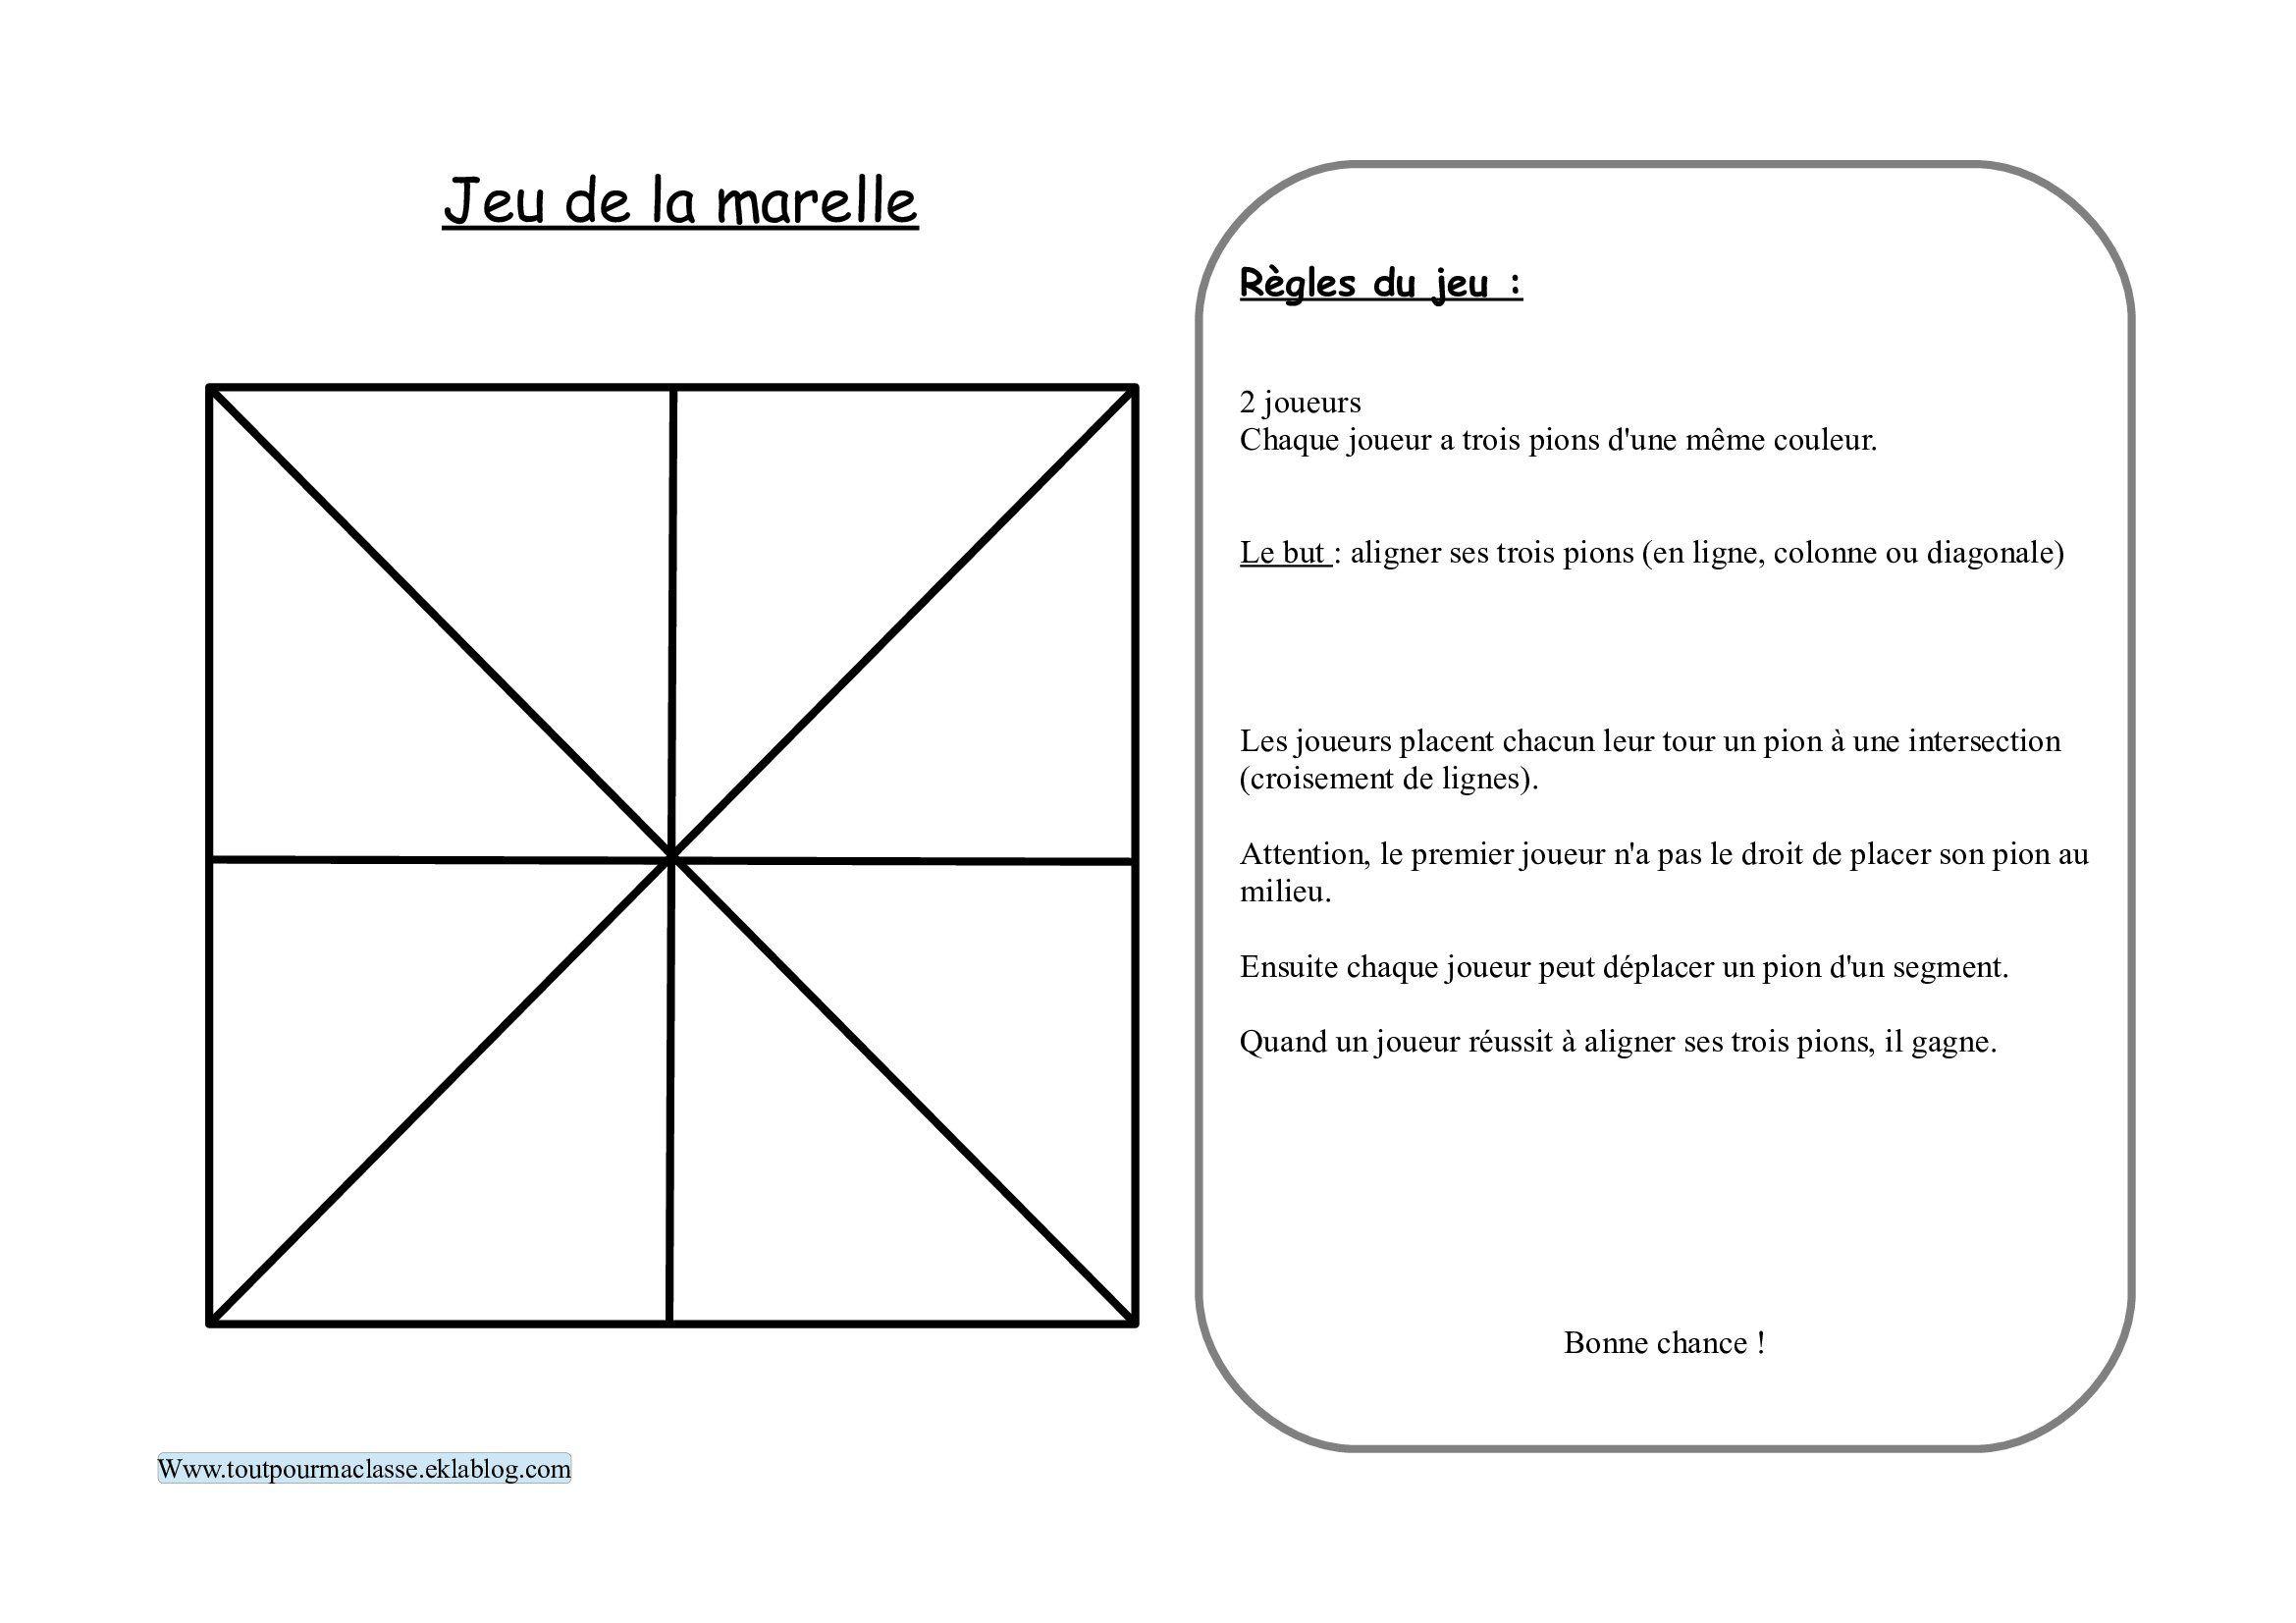 apprendre en manipulant au cycle 2: le jeu de la marelle  http://toutpourmaclasse.eklablog.com/apprendre-en-manipulant-a118977716